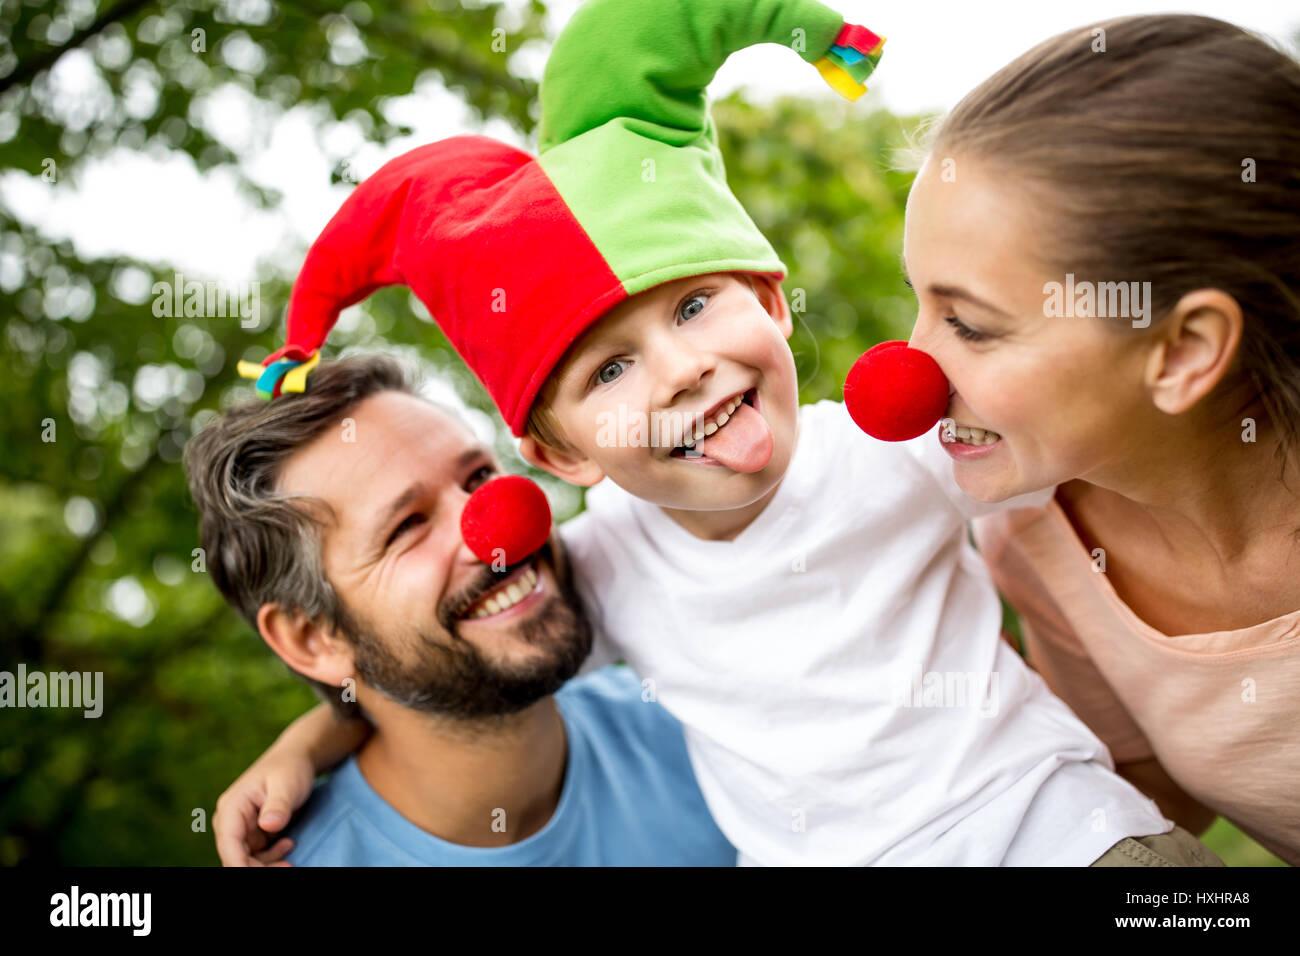 Un niño llevaba tonto tapa y mostrando su lengua con su familia Imagen De Stock